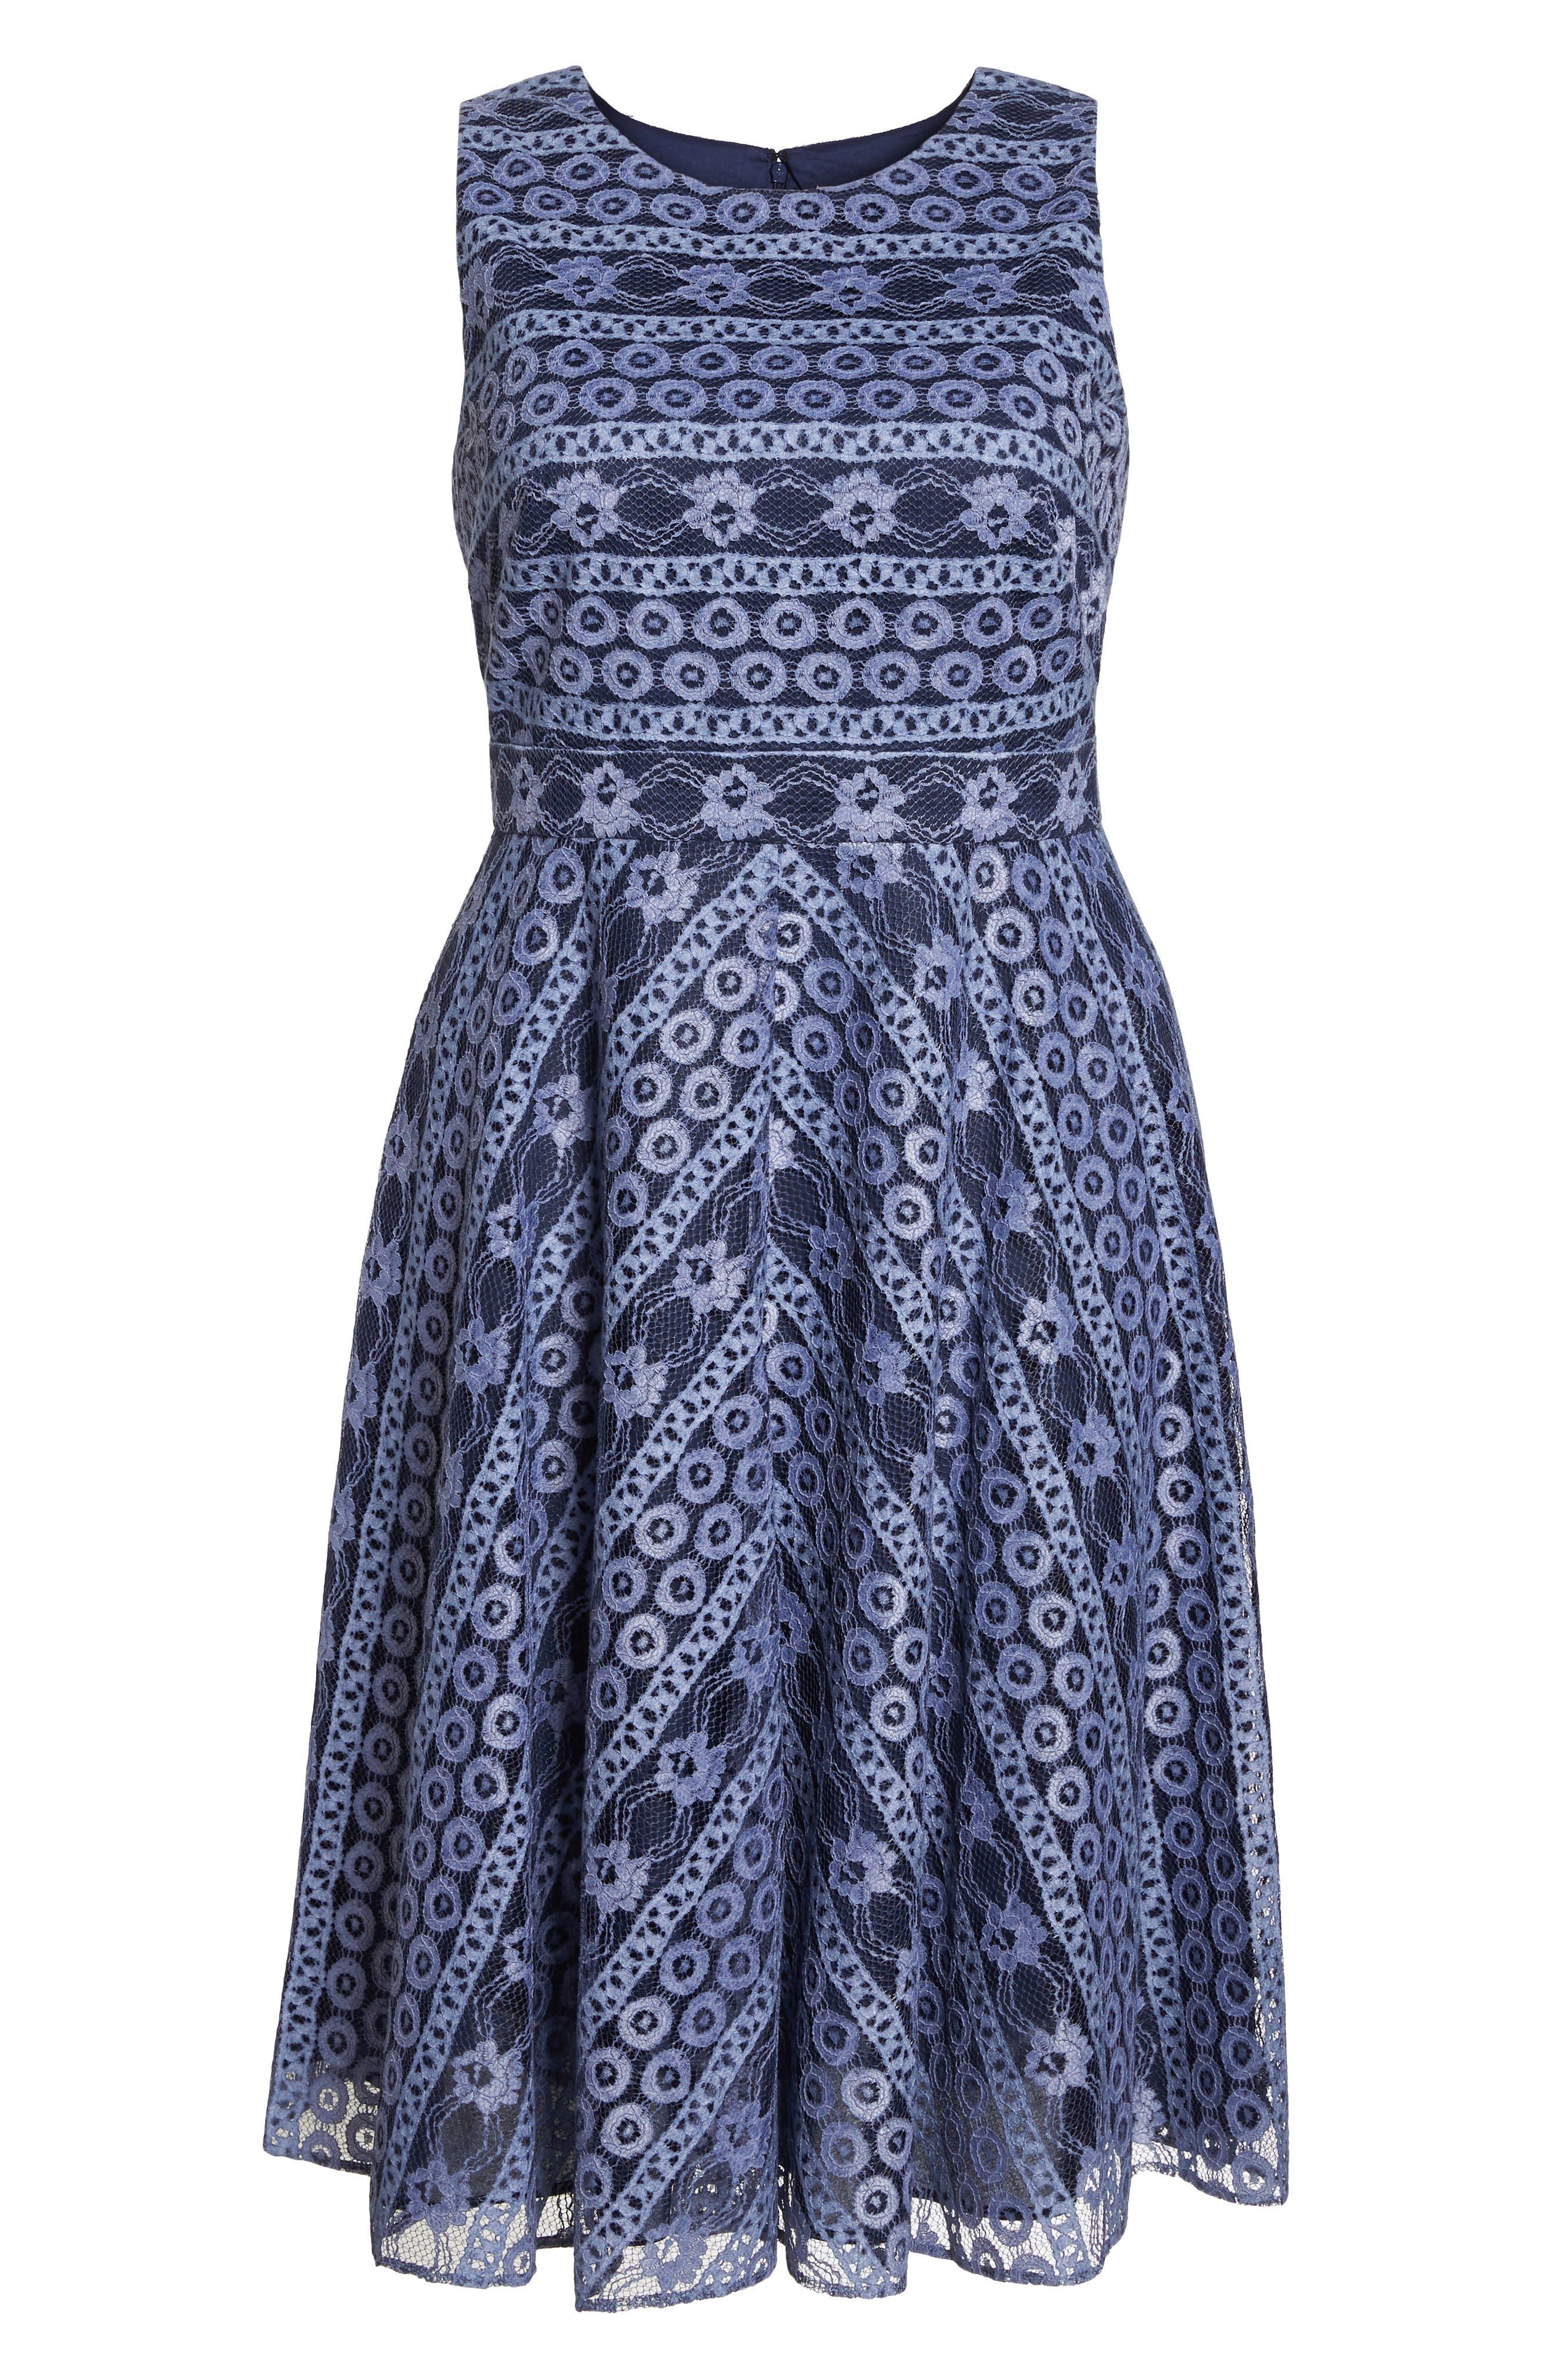 Stripe Lace A-Line Dress,                             Alternate thumbnail 7, color,                             410